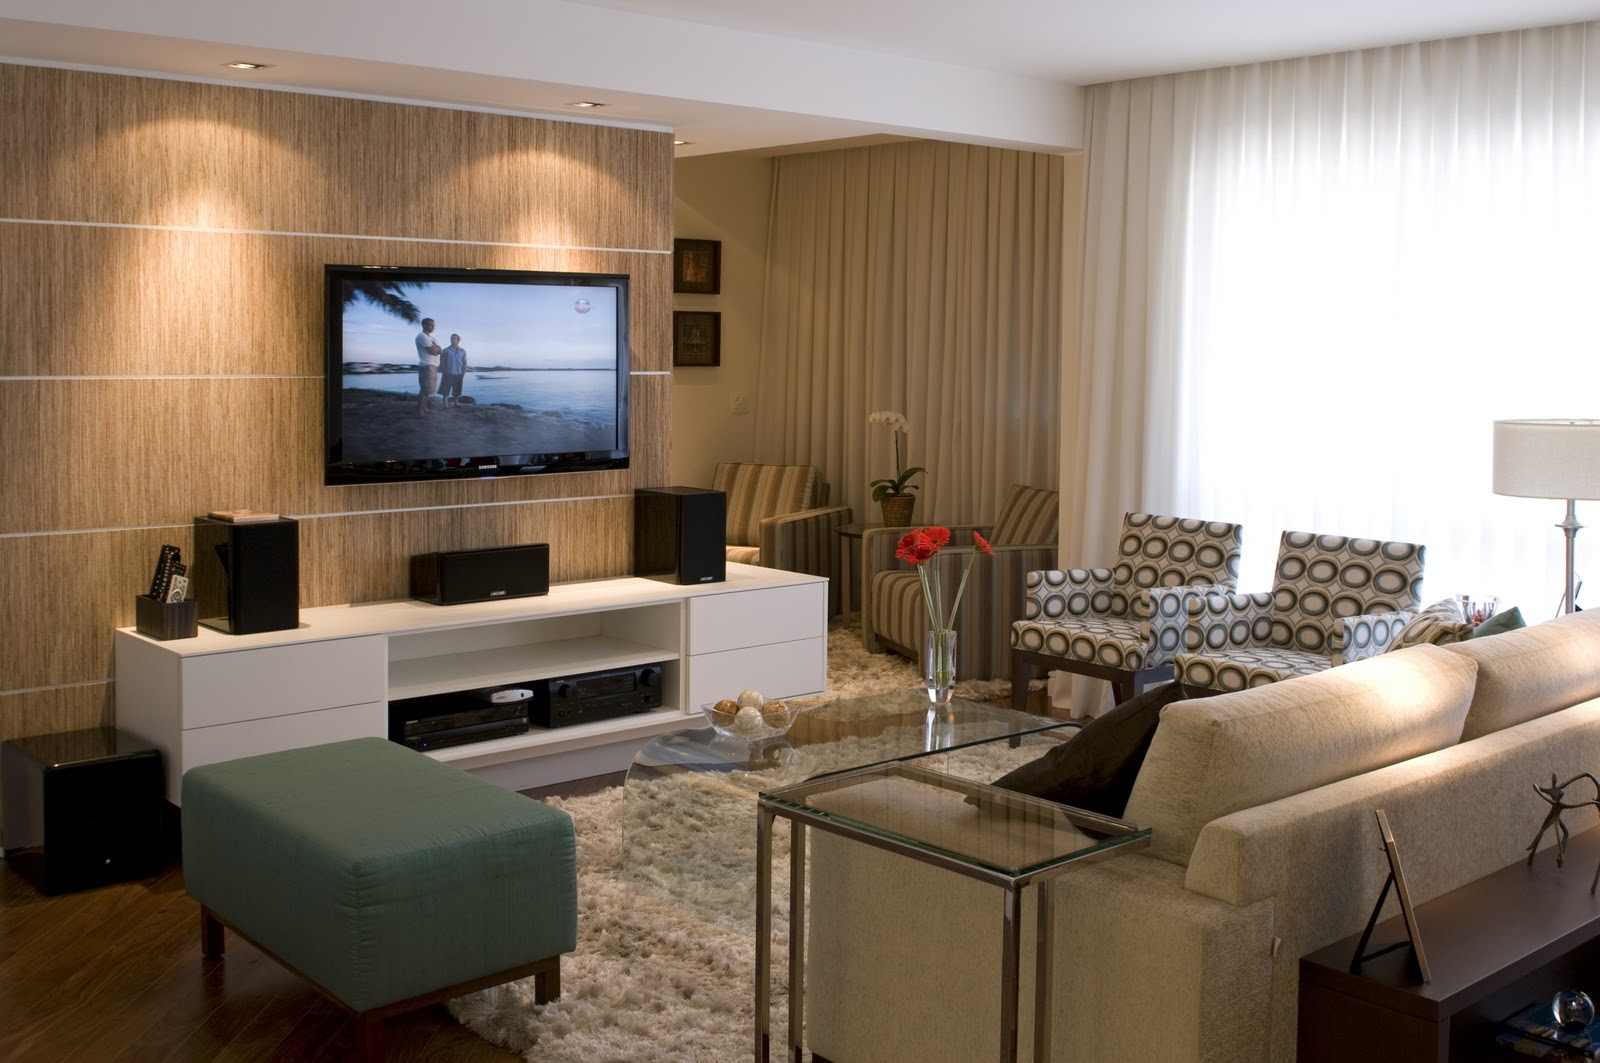 Decora O Com Papel De Parede Para Sala De Tv Comprar Luminarias  -> Decoracao De Sala De Estar Pequena Com Tv